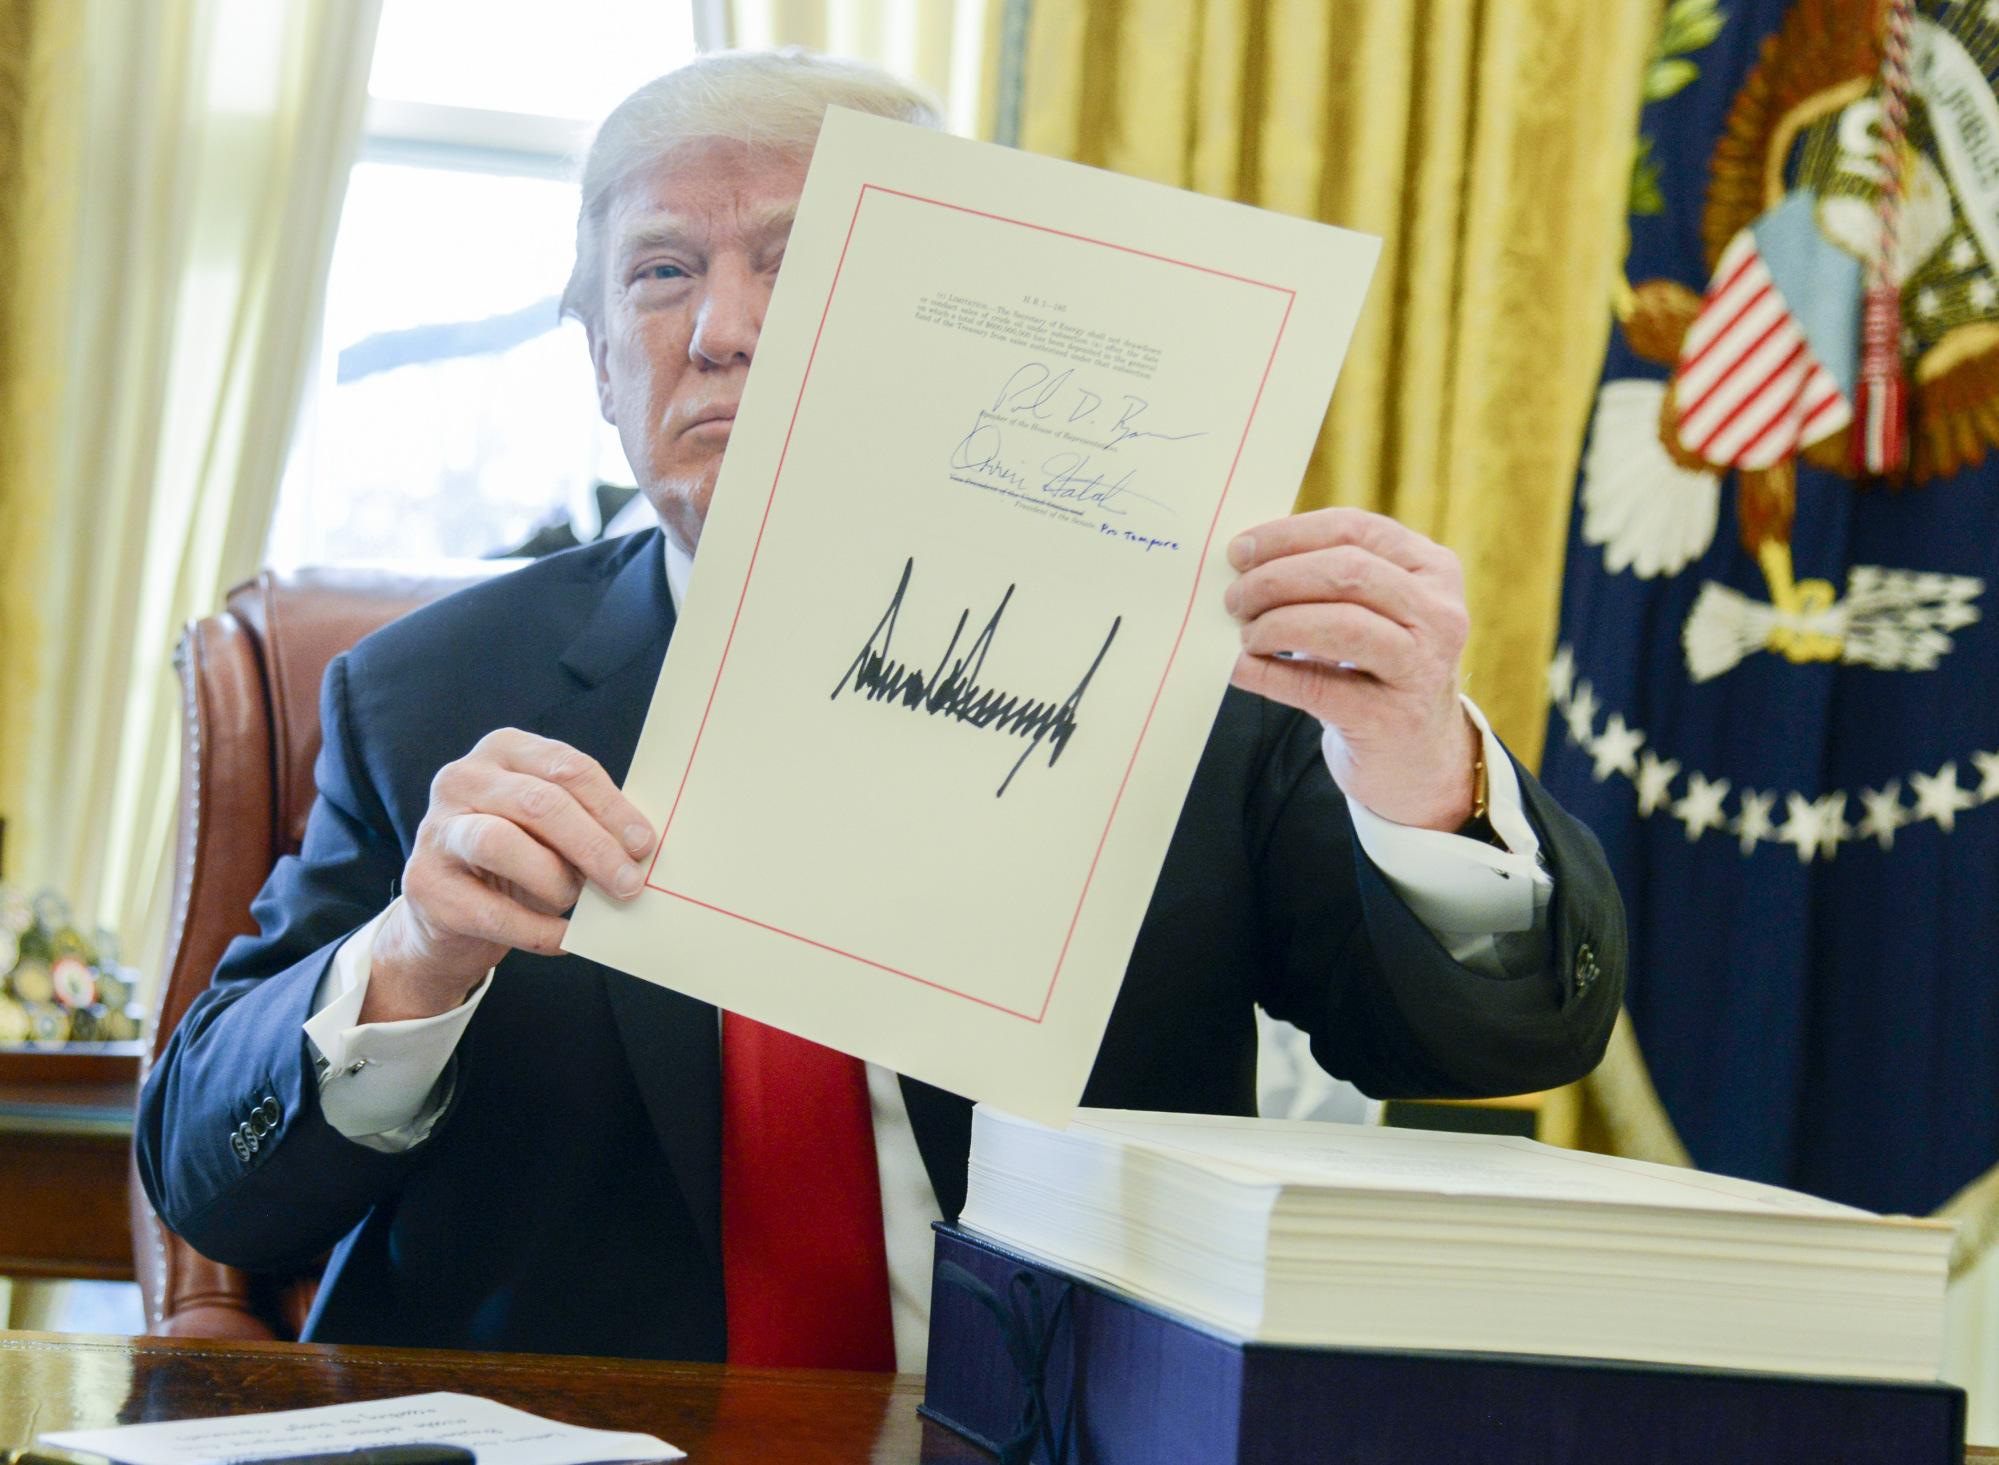 https://assets.sourcemedia.com/0b/29/cd68a633438383de5f0bb76d2097/trump-tax-bill-signature.jpg